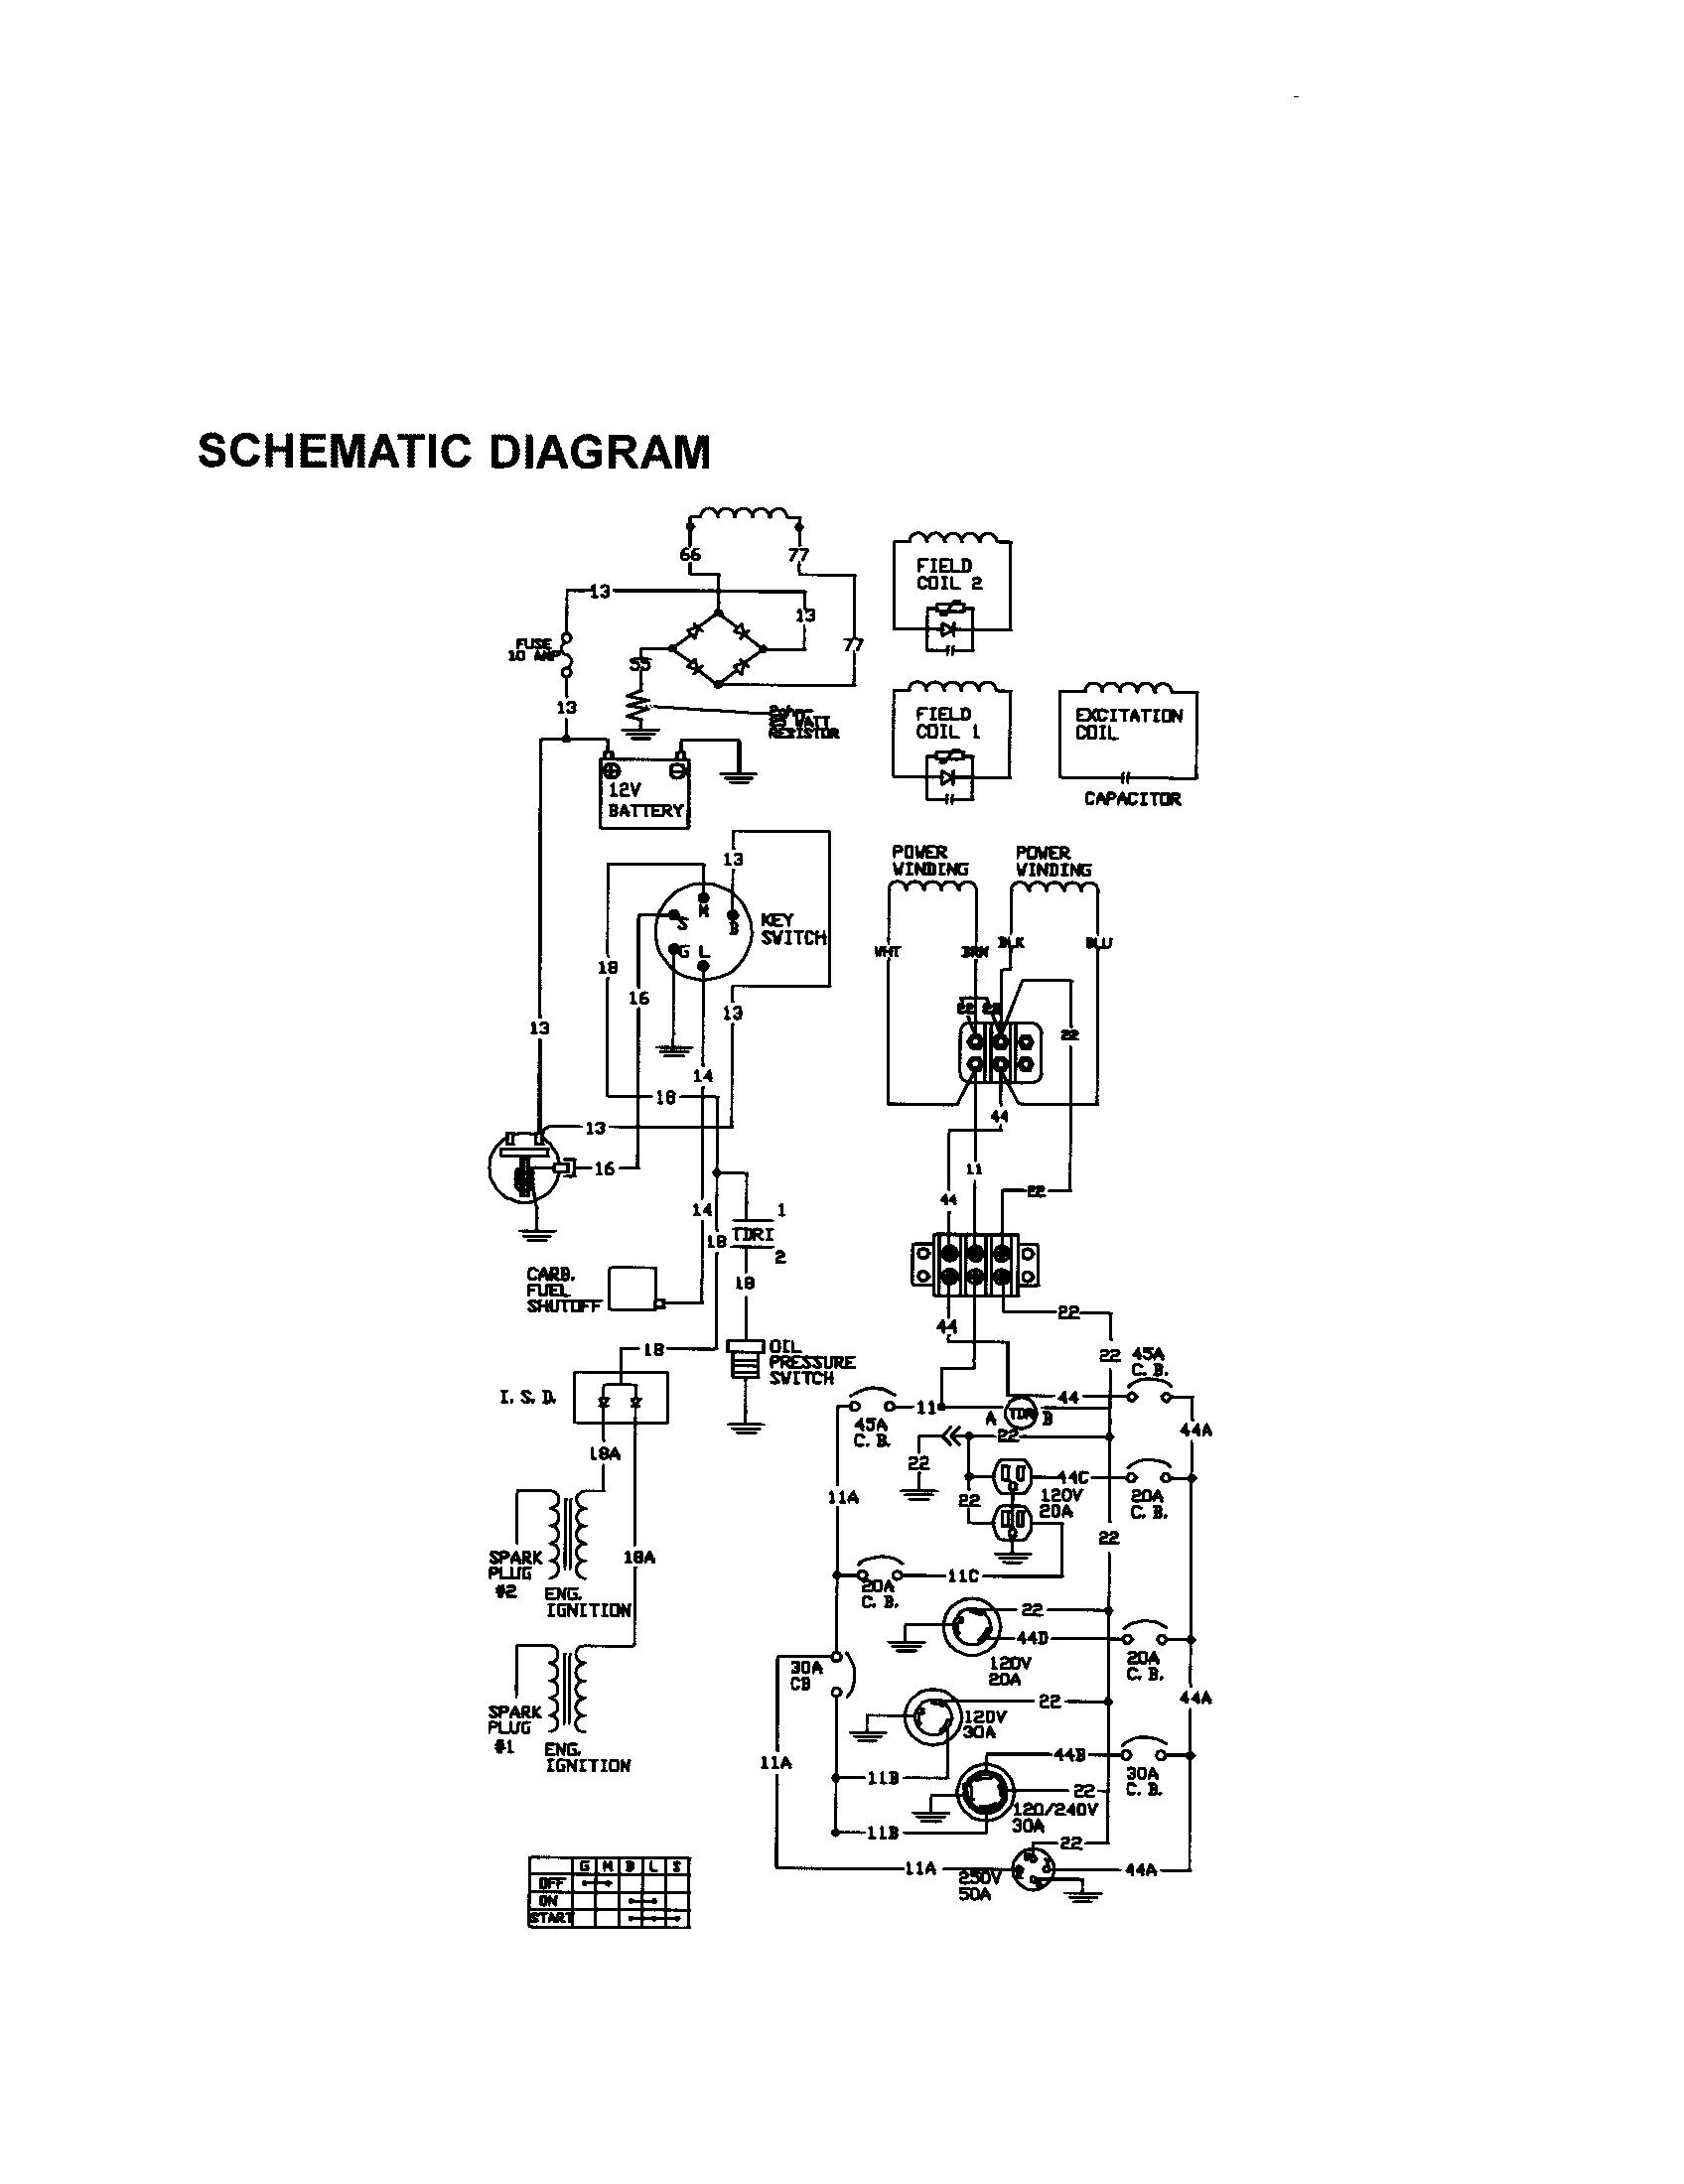 Generac Generator Wiring Diagrams Mbb Interlift Wiring-diagram